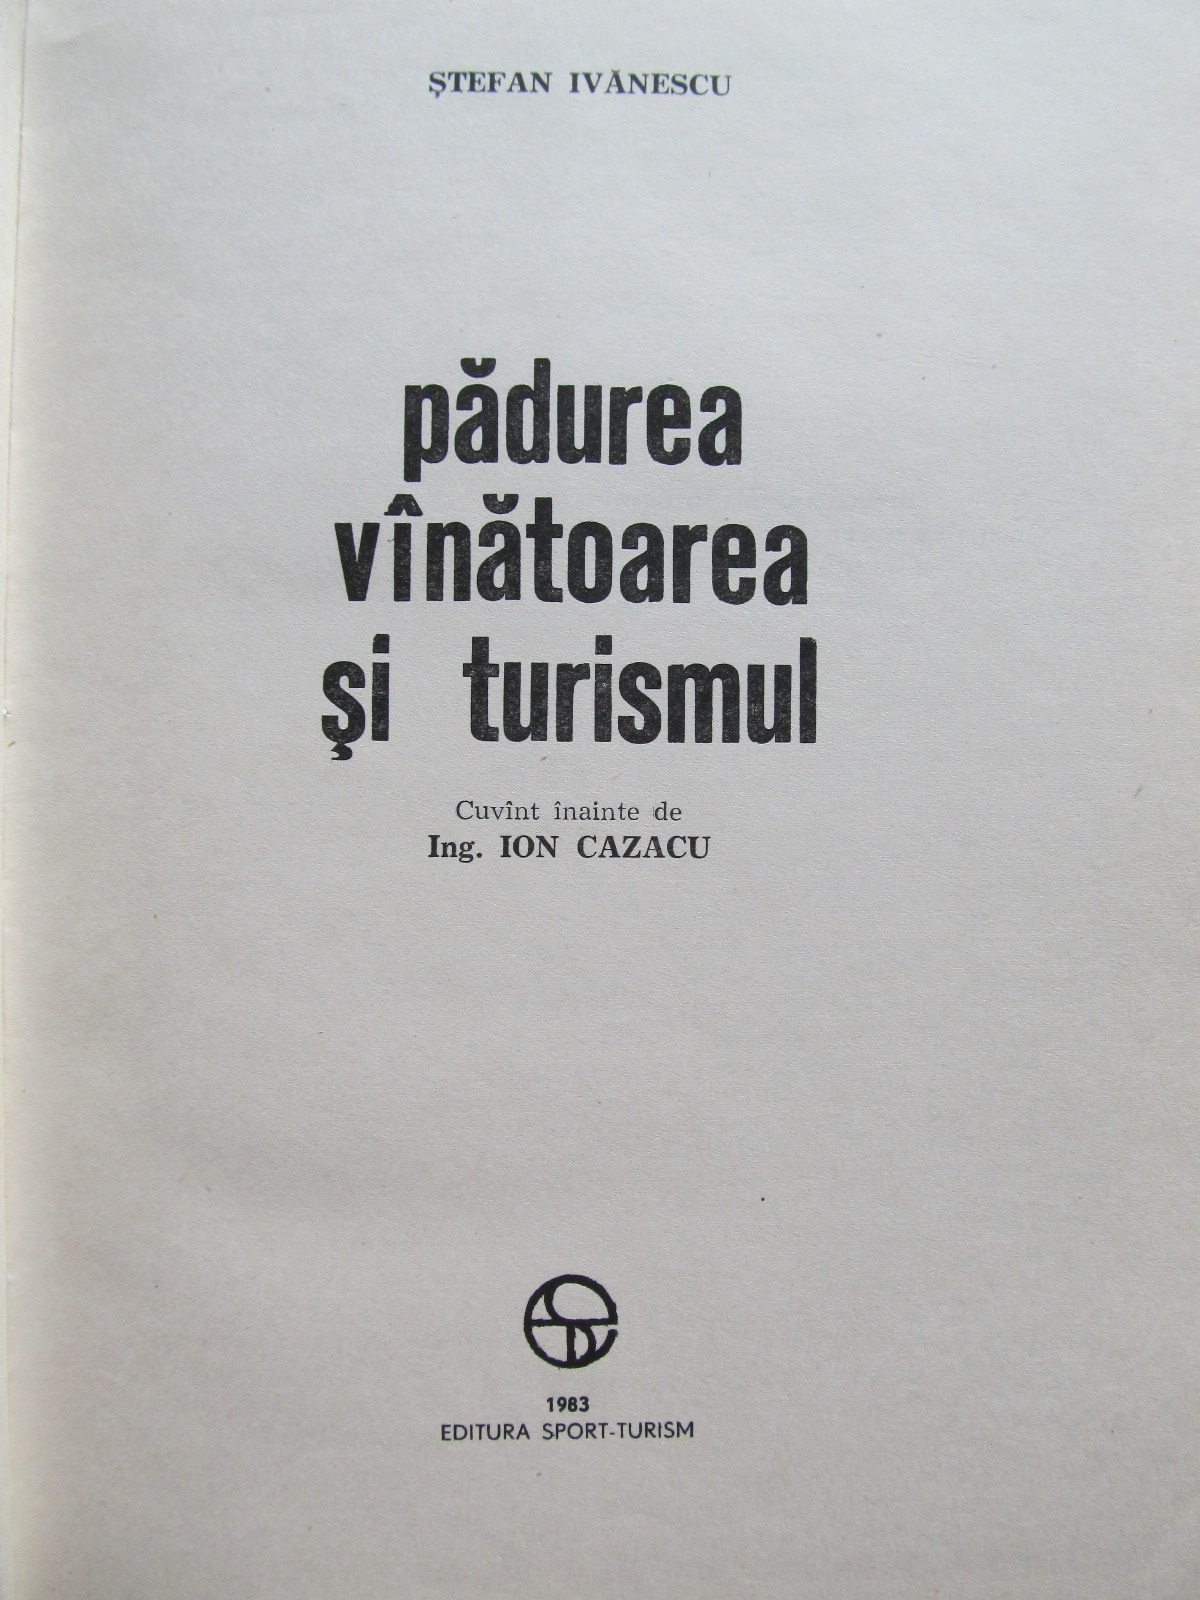 Carte Padurea vanatoarea si turismul - Stefan Ivanescu